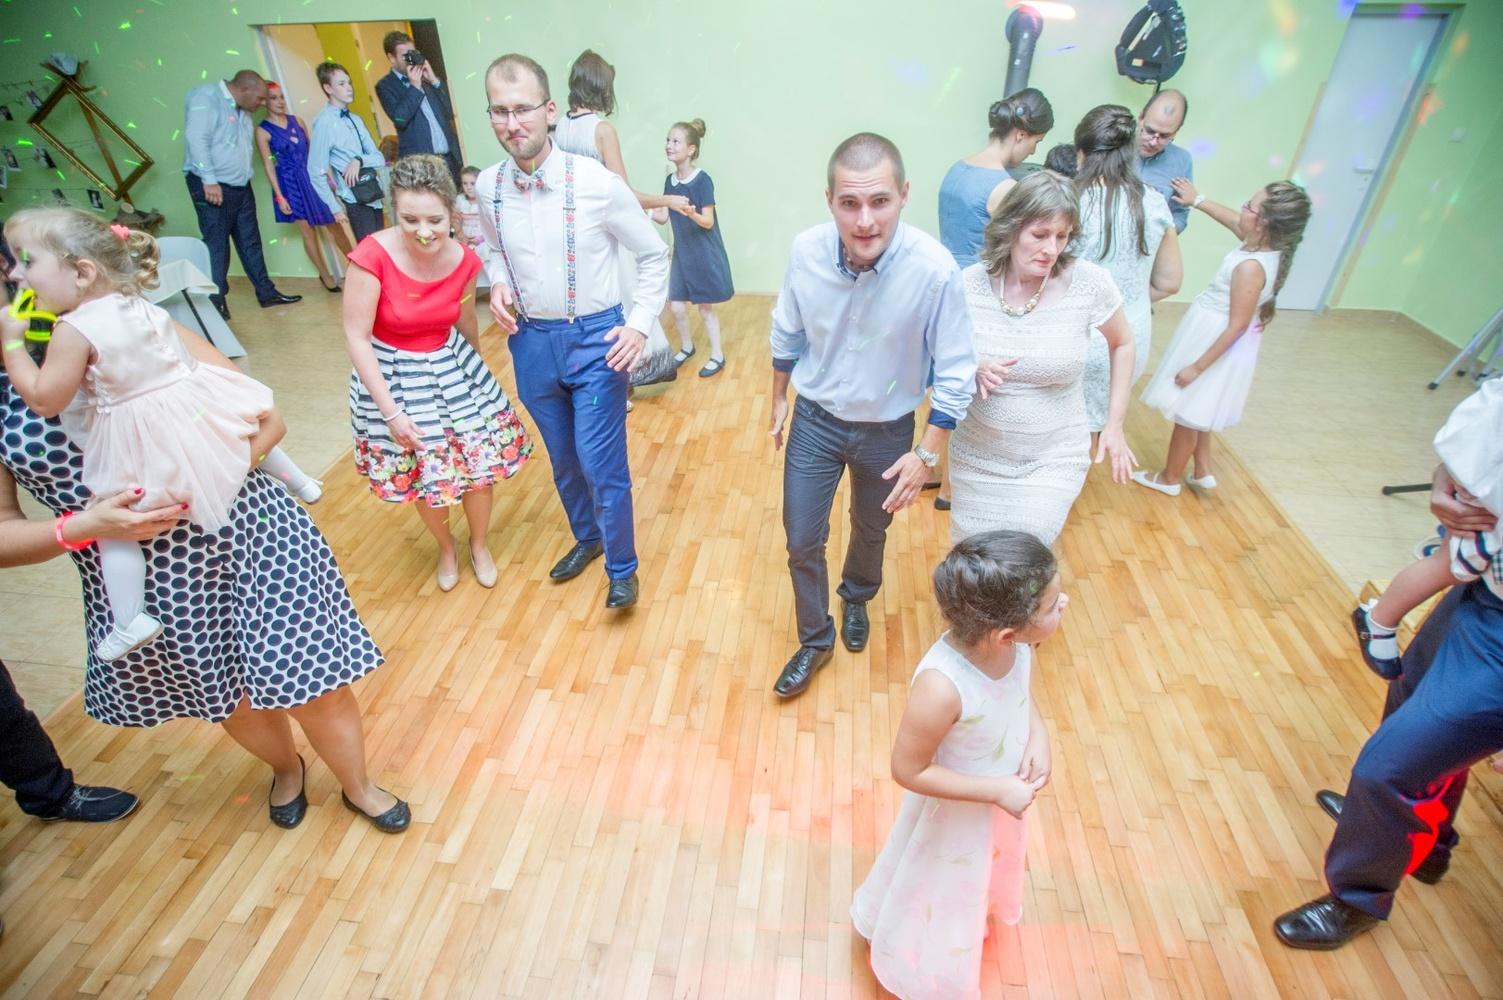 http://www.fotoz.sk/images/gallery-8/normal/eskuvoi-fotos_svadobny-fotograf_567.jpg